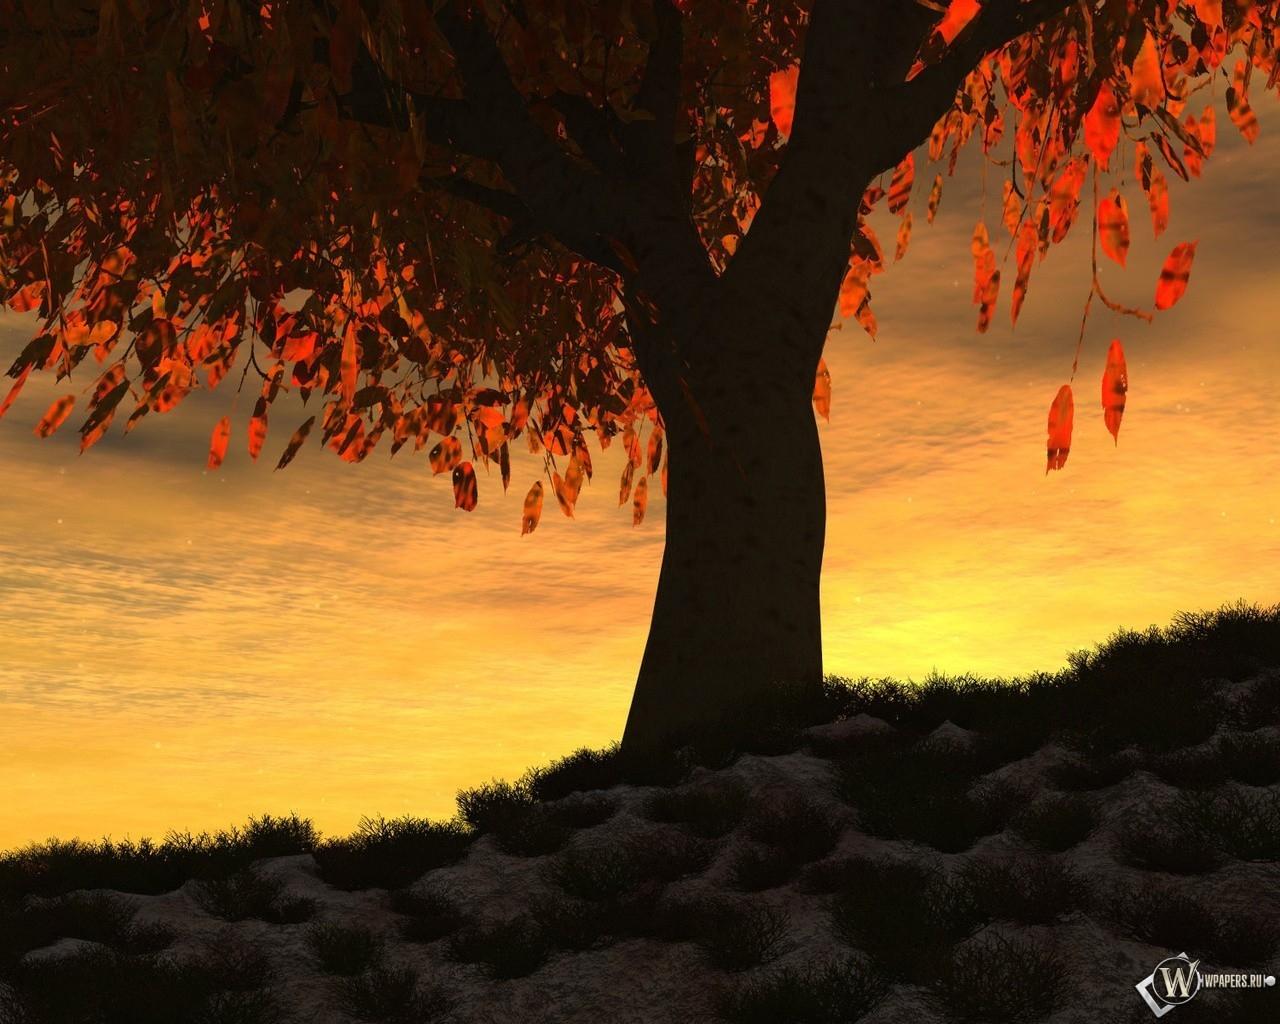 Осенний закат 1280x1024